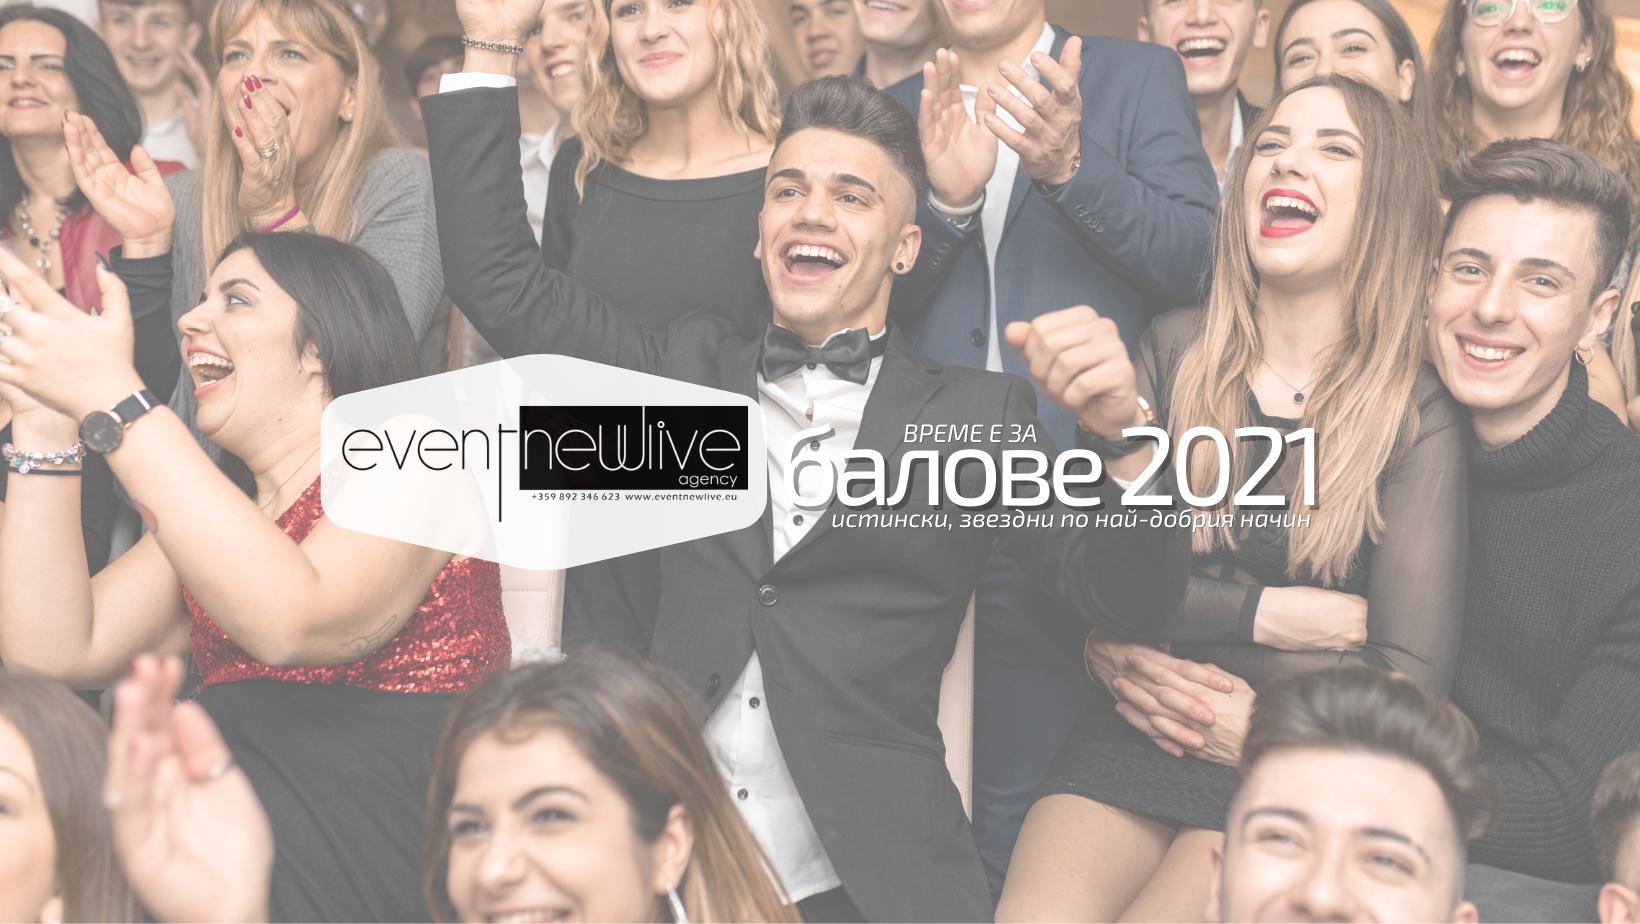 абитуриентски балове 2021 –  Event NewLive Agency – www.eventnewlive.eu